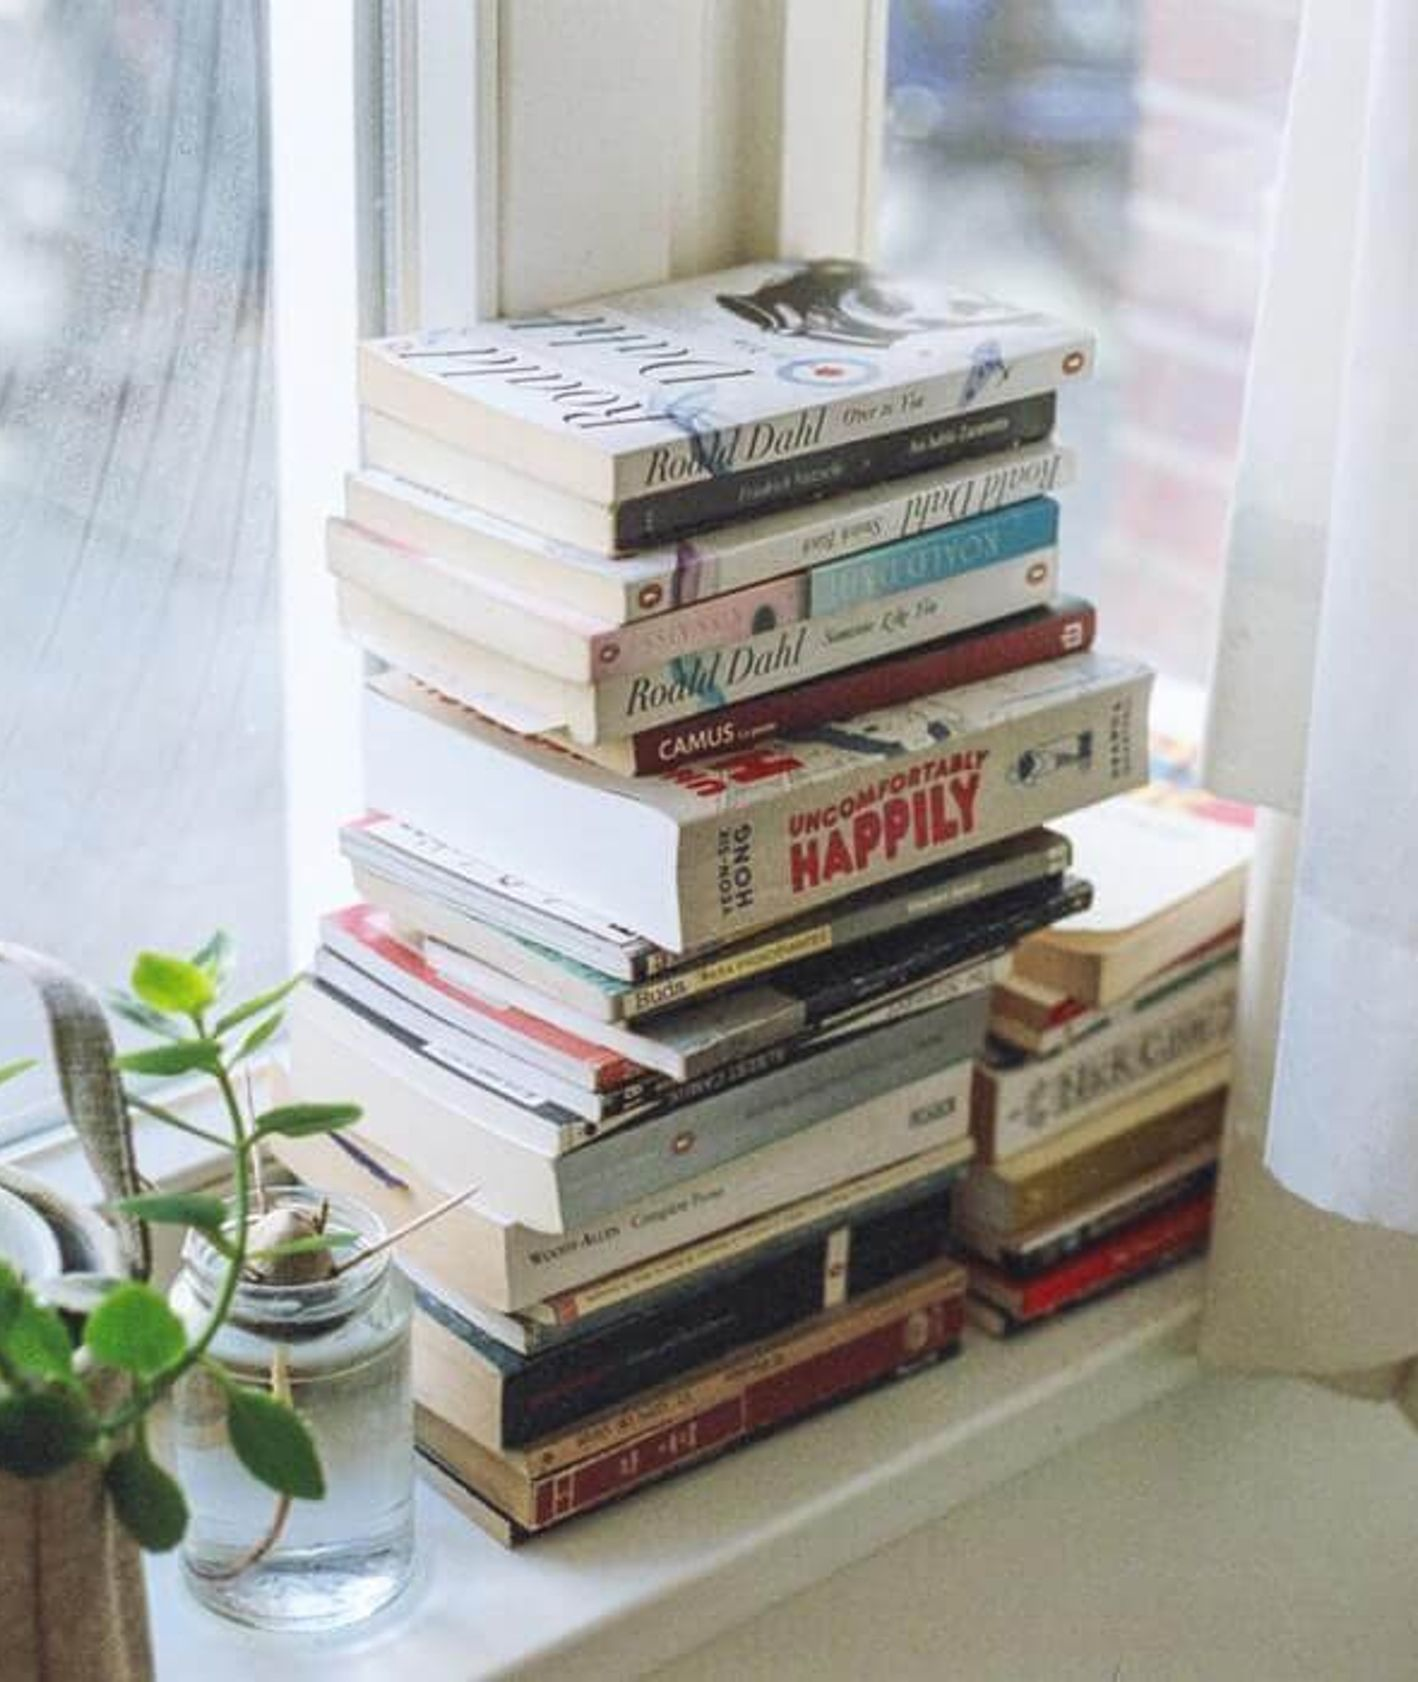 książki, jakie książki przeczytać, jak wybrać książkę, co czyta kukbuk, kukbuk książki, domowa biblioteka